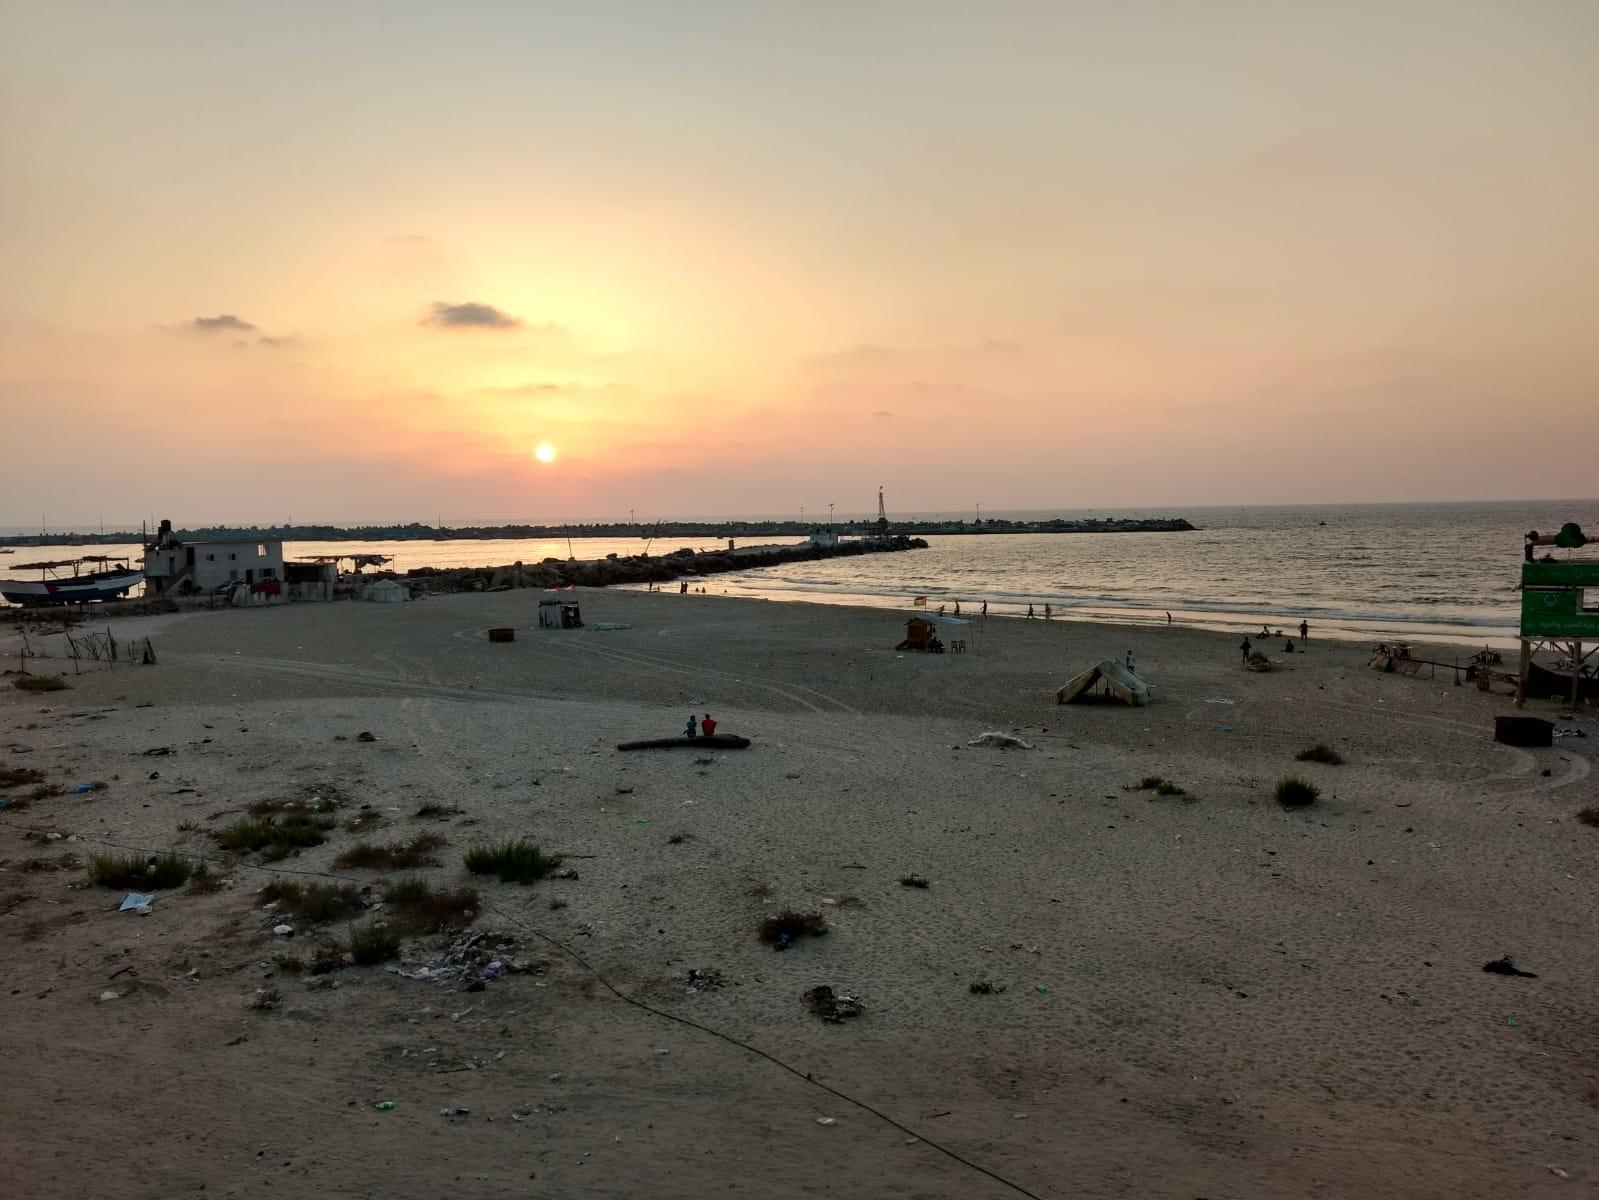 Die Kläranlagen sind stark eingeschränkt, deshalb landen täglich rund hundert Millionen Liter Abwasser im Meer. Einige Jugendliche lassen sich vom Baden jedoch nicht abhalten..